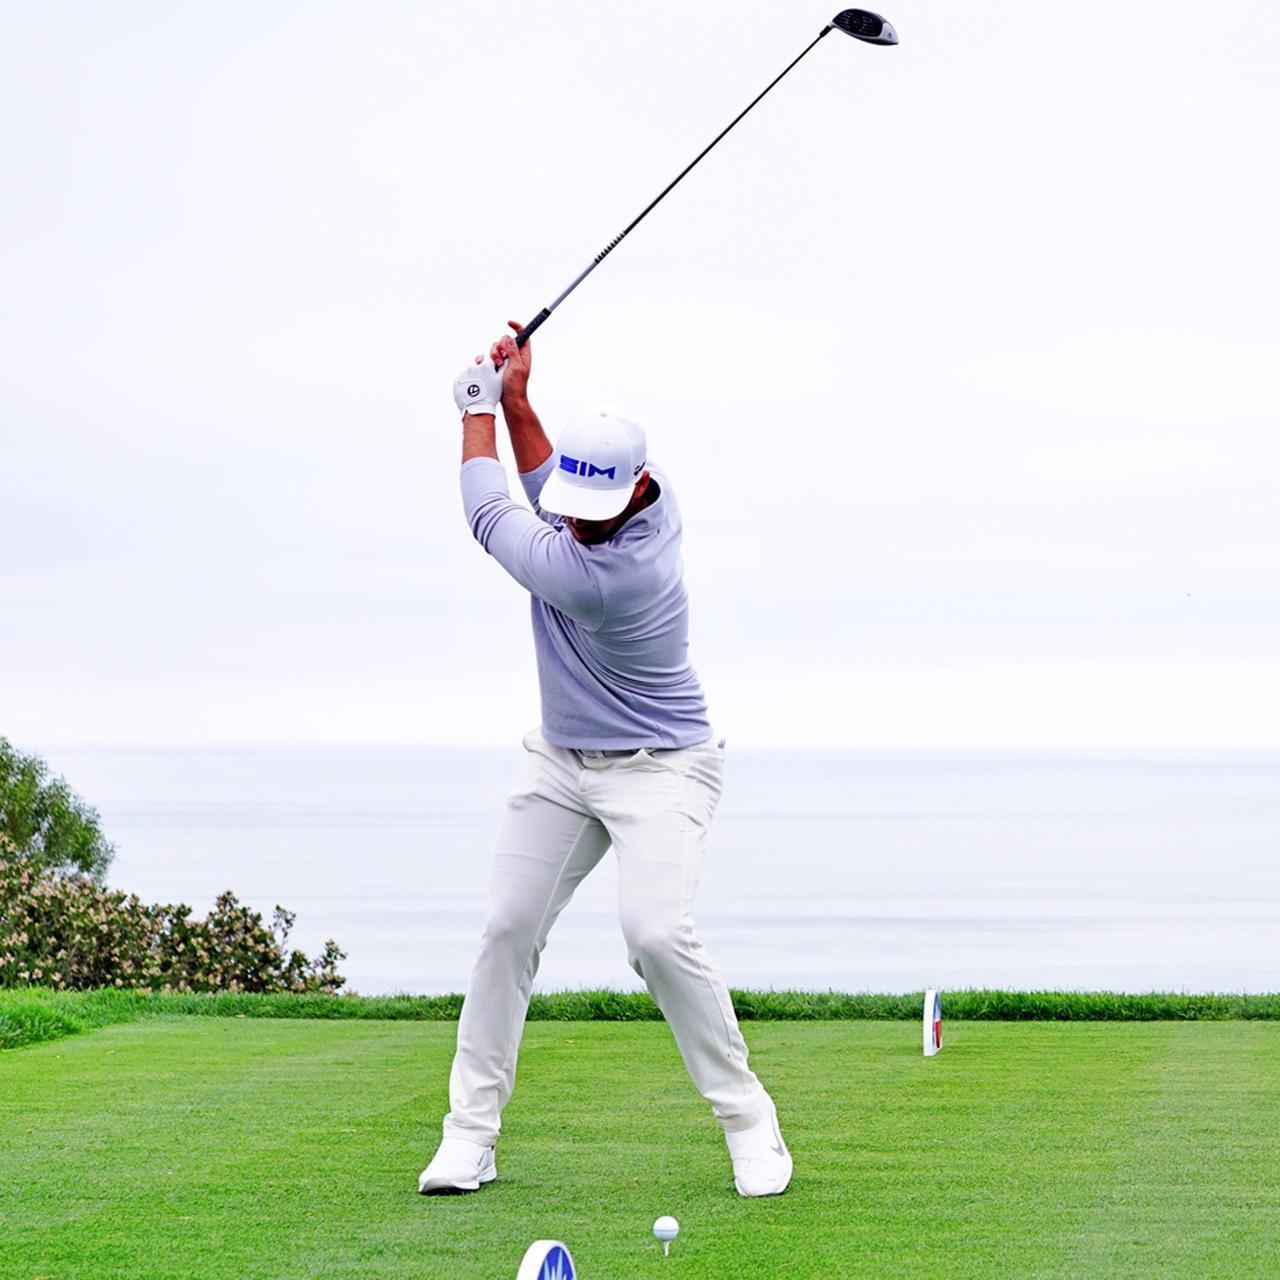 画像8: 【ビクトル・ホブラン/コリン・モリカワ/マシュー・ウルフ】PGAツアーの黄金世代は、すでに全員チャンピオン!